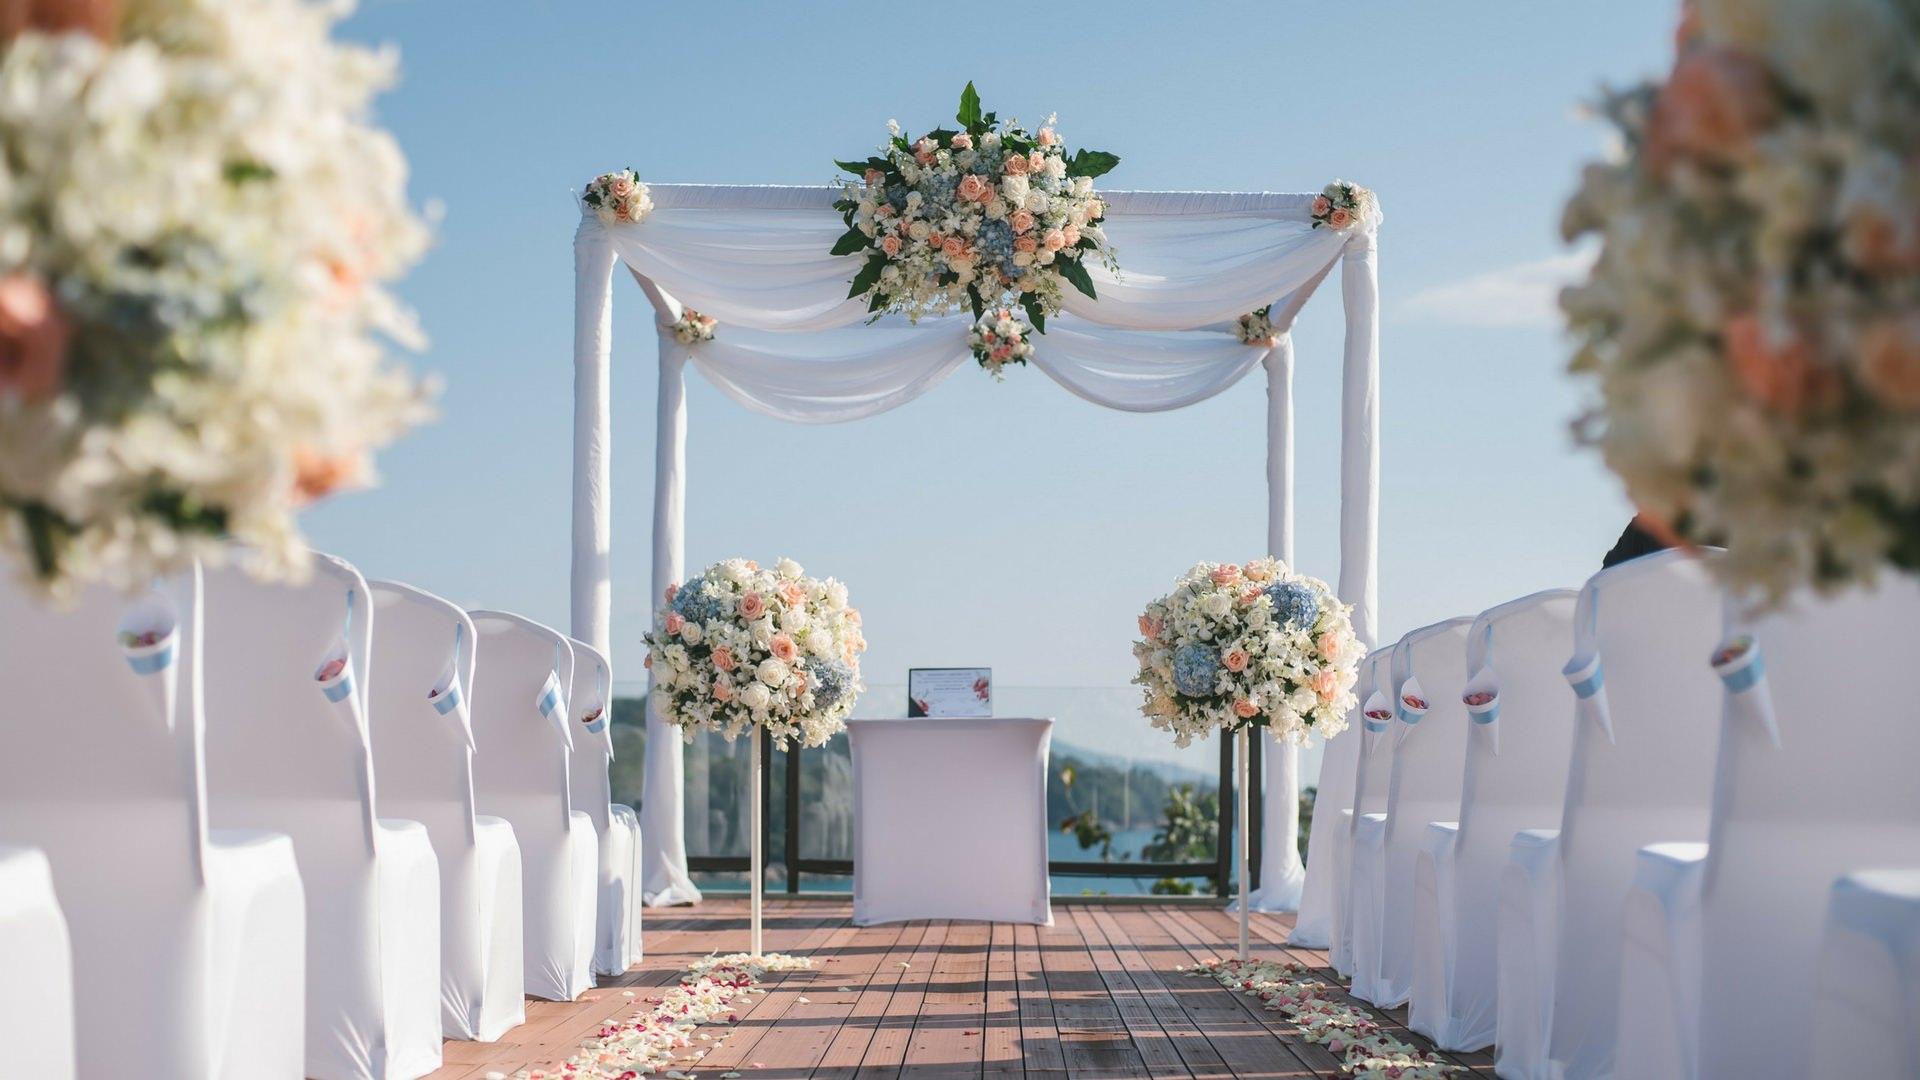 Hochzeitsplanung | Heiraten in Südtirol | Freie Trauungen in Südtirol  | Hochzeitsplanung | Gardasee | 5